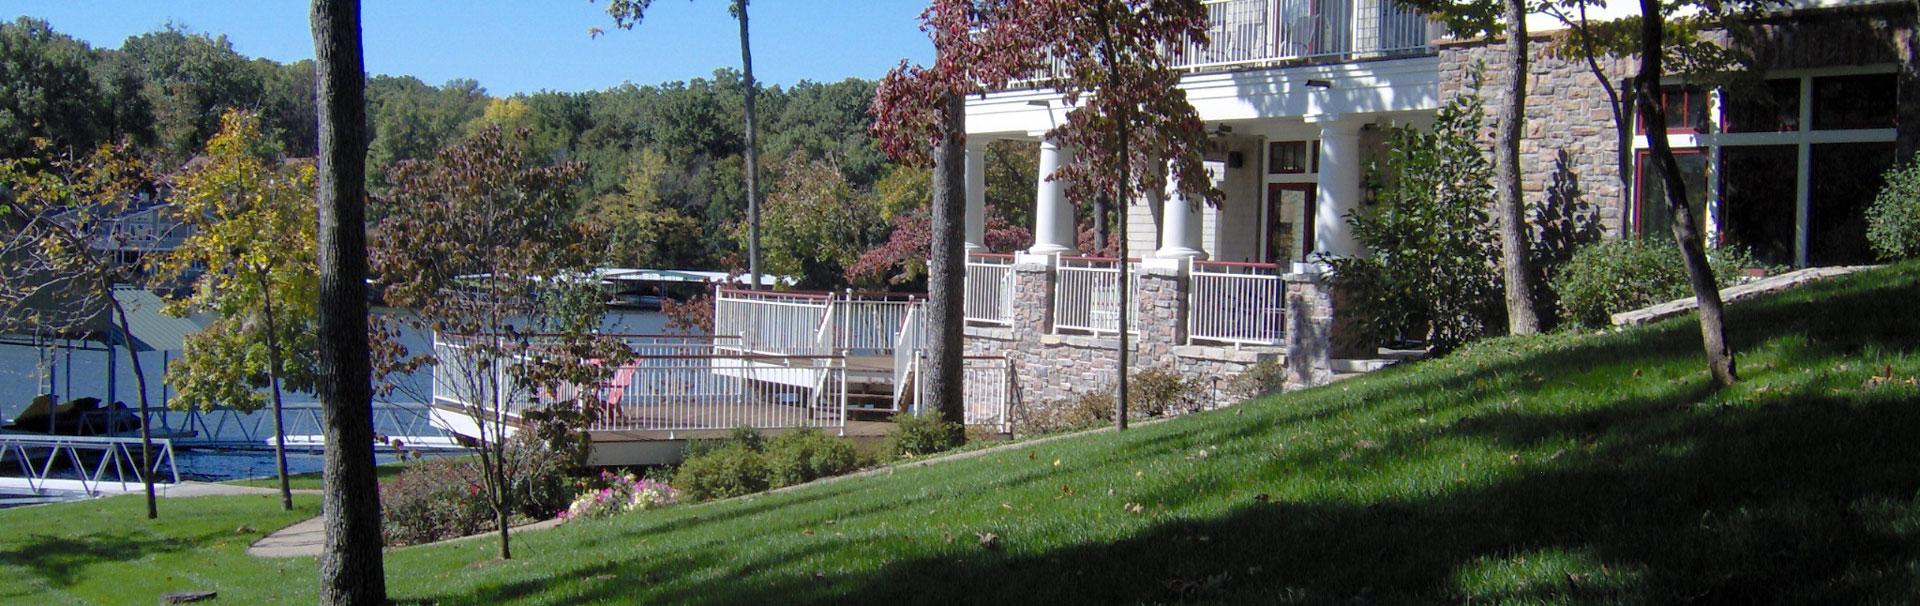 lake landscaping